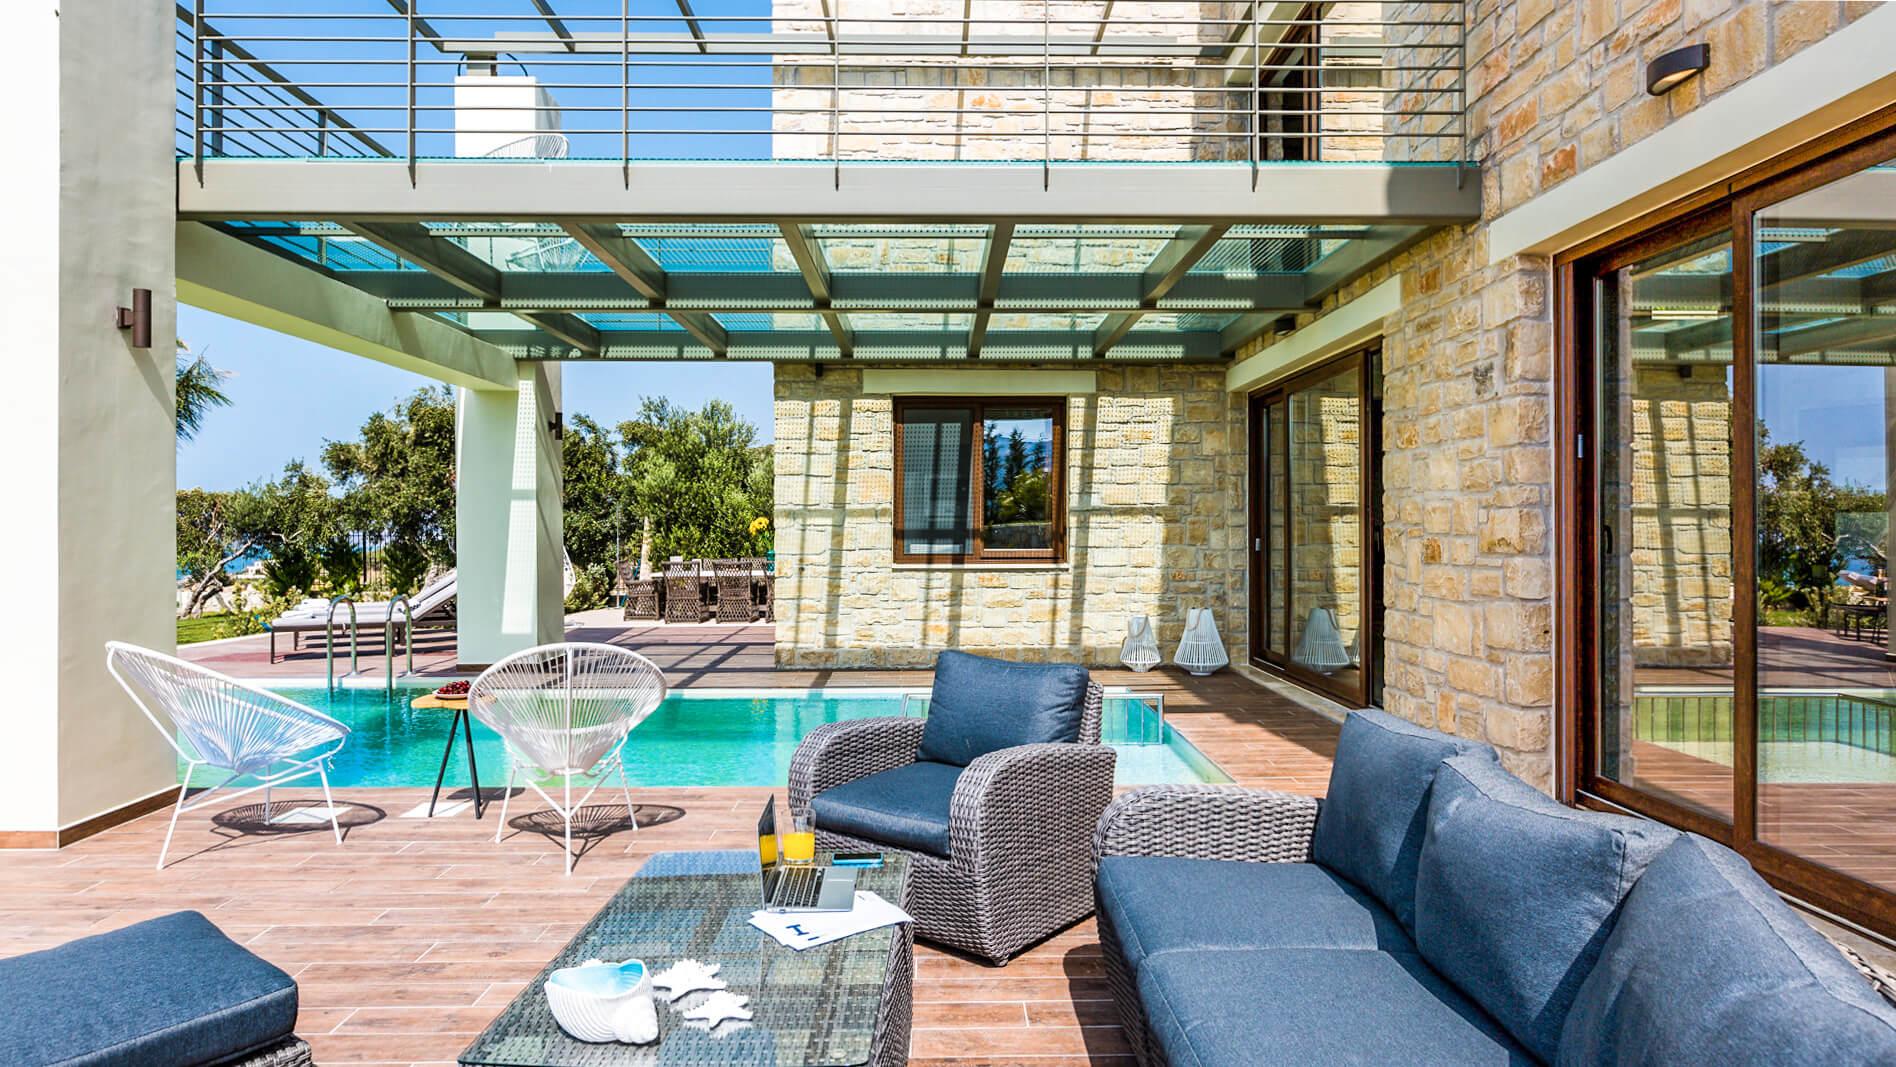 Elite Crete - Luxury Tourism in Chania, Crete - Villa Emilia